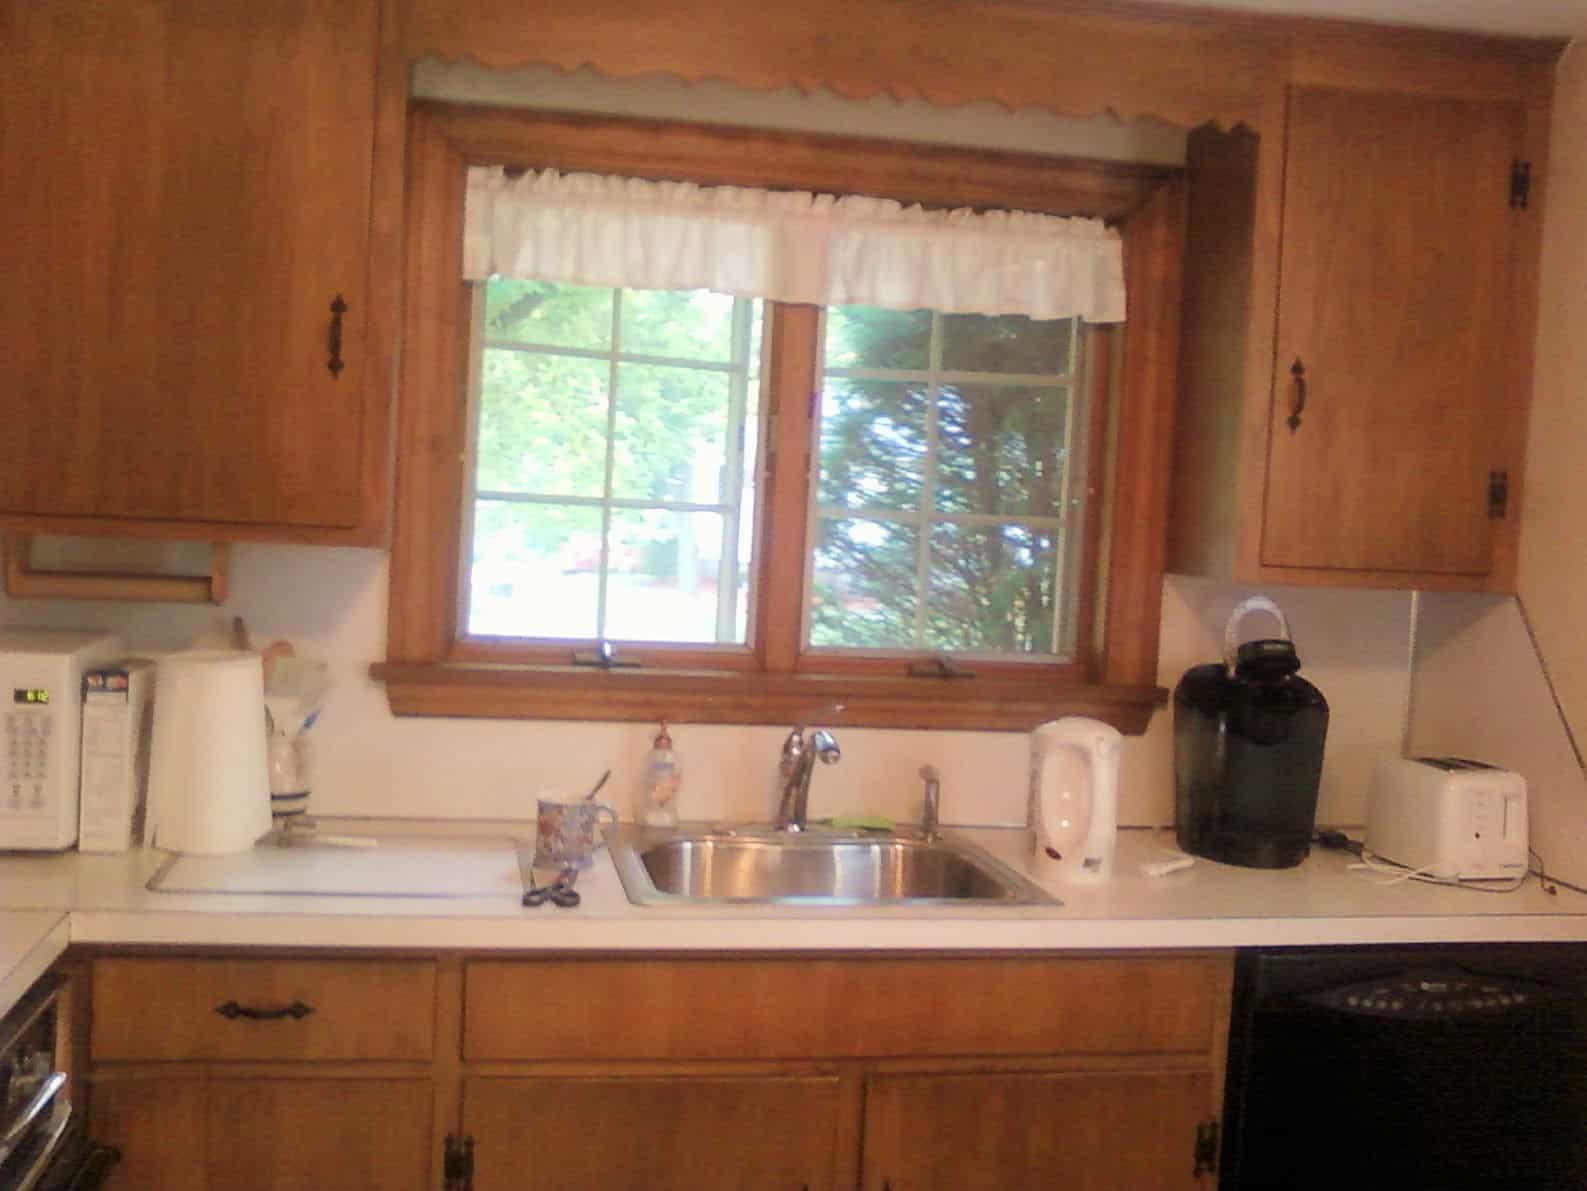 Dark and Cramped Kitchen